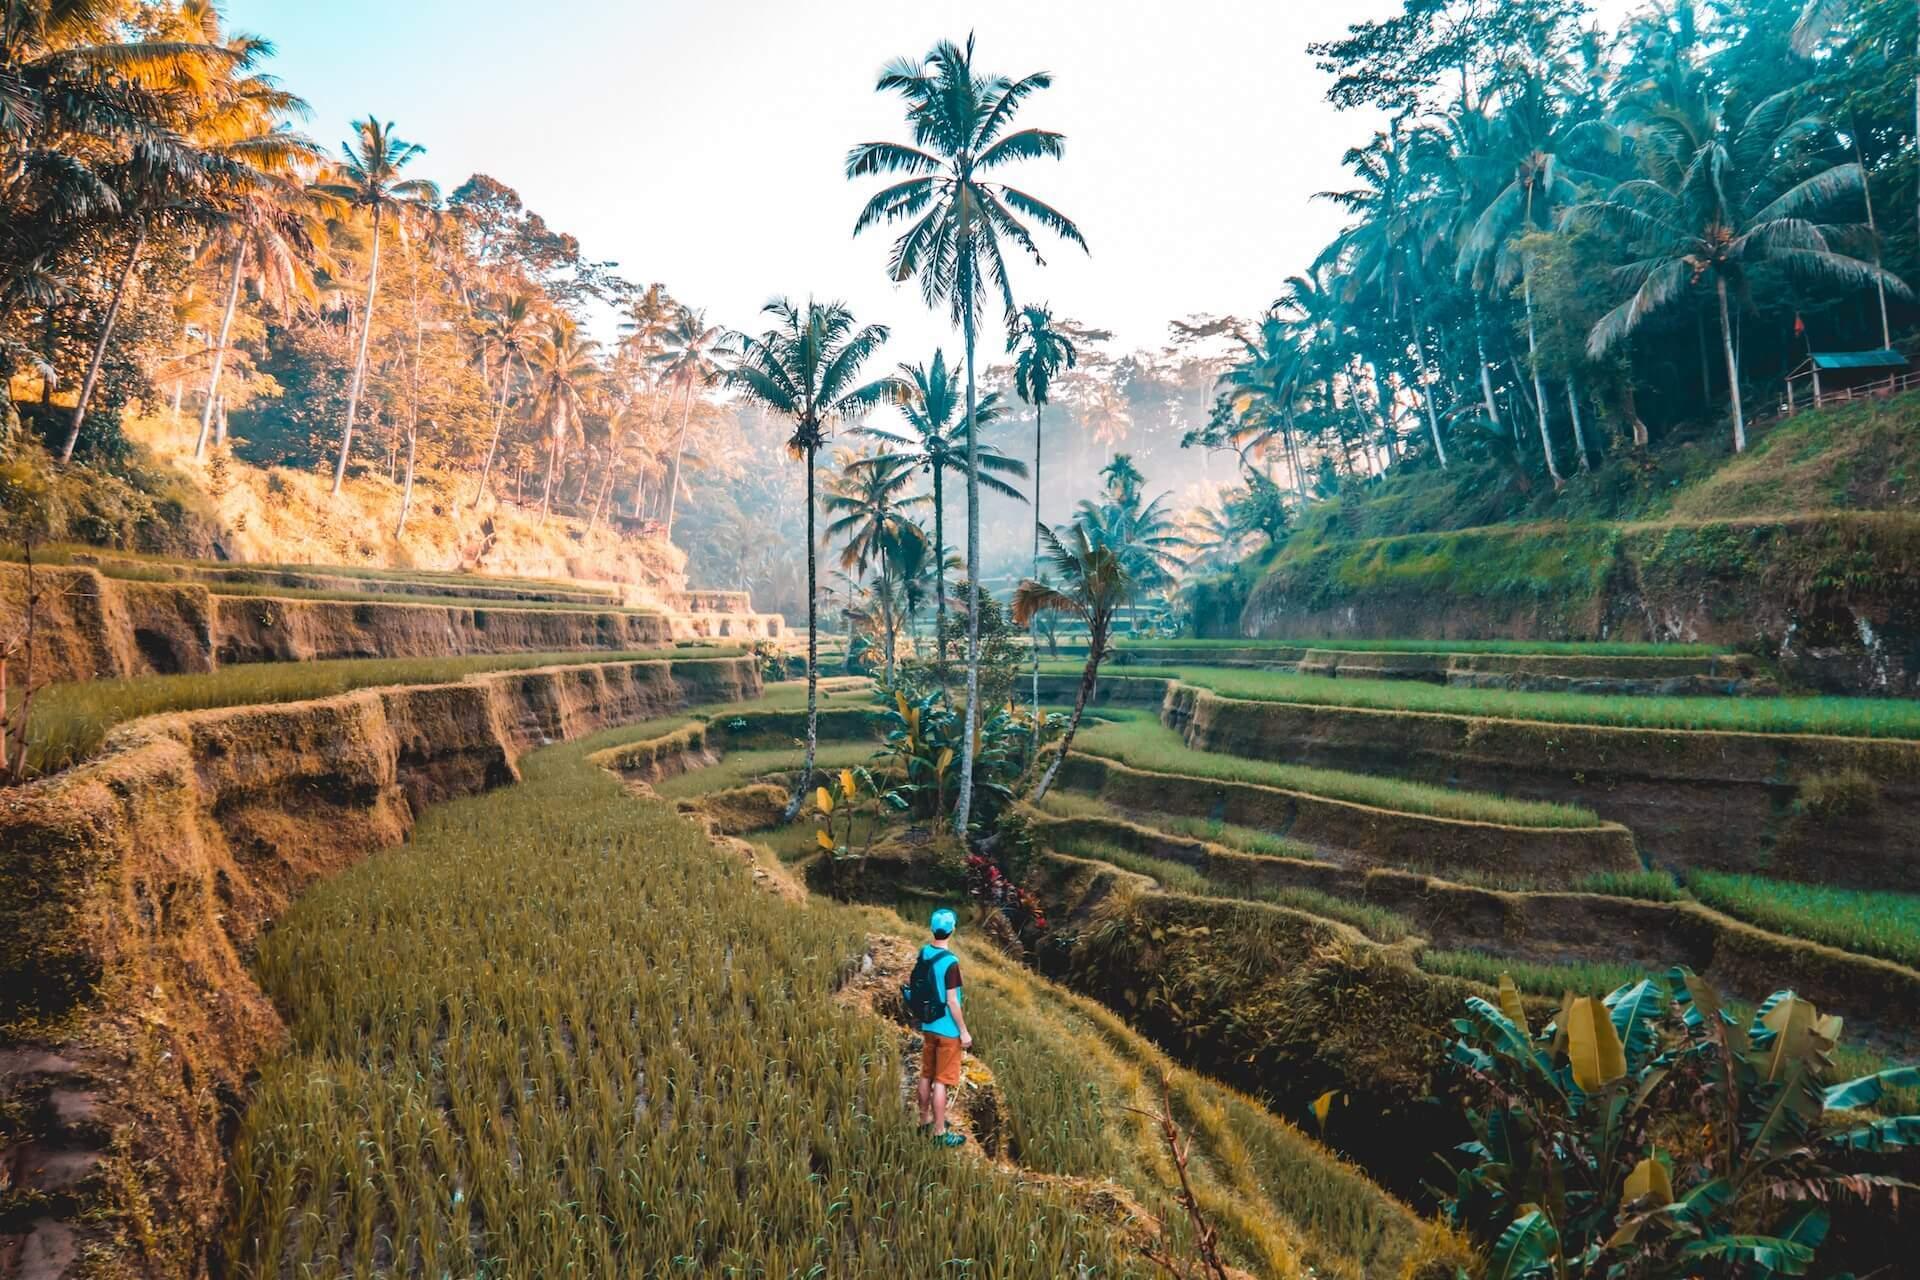 Günstige Flüge nach Bali